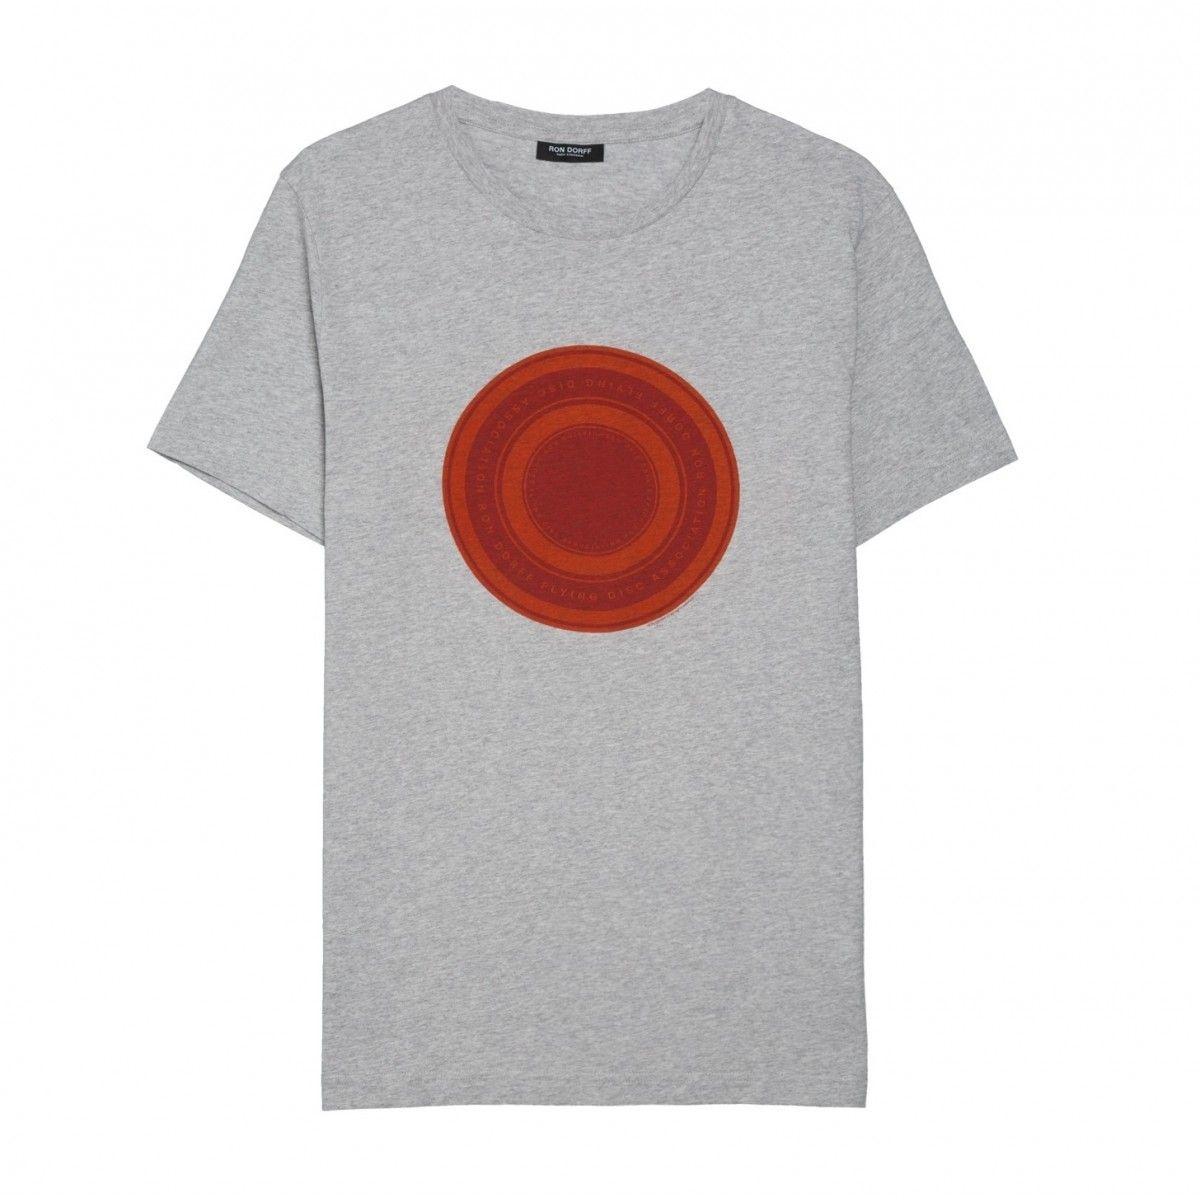 T-shirt FRISBEE